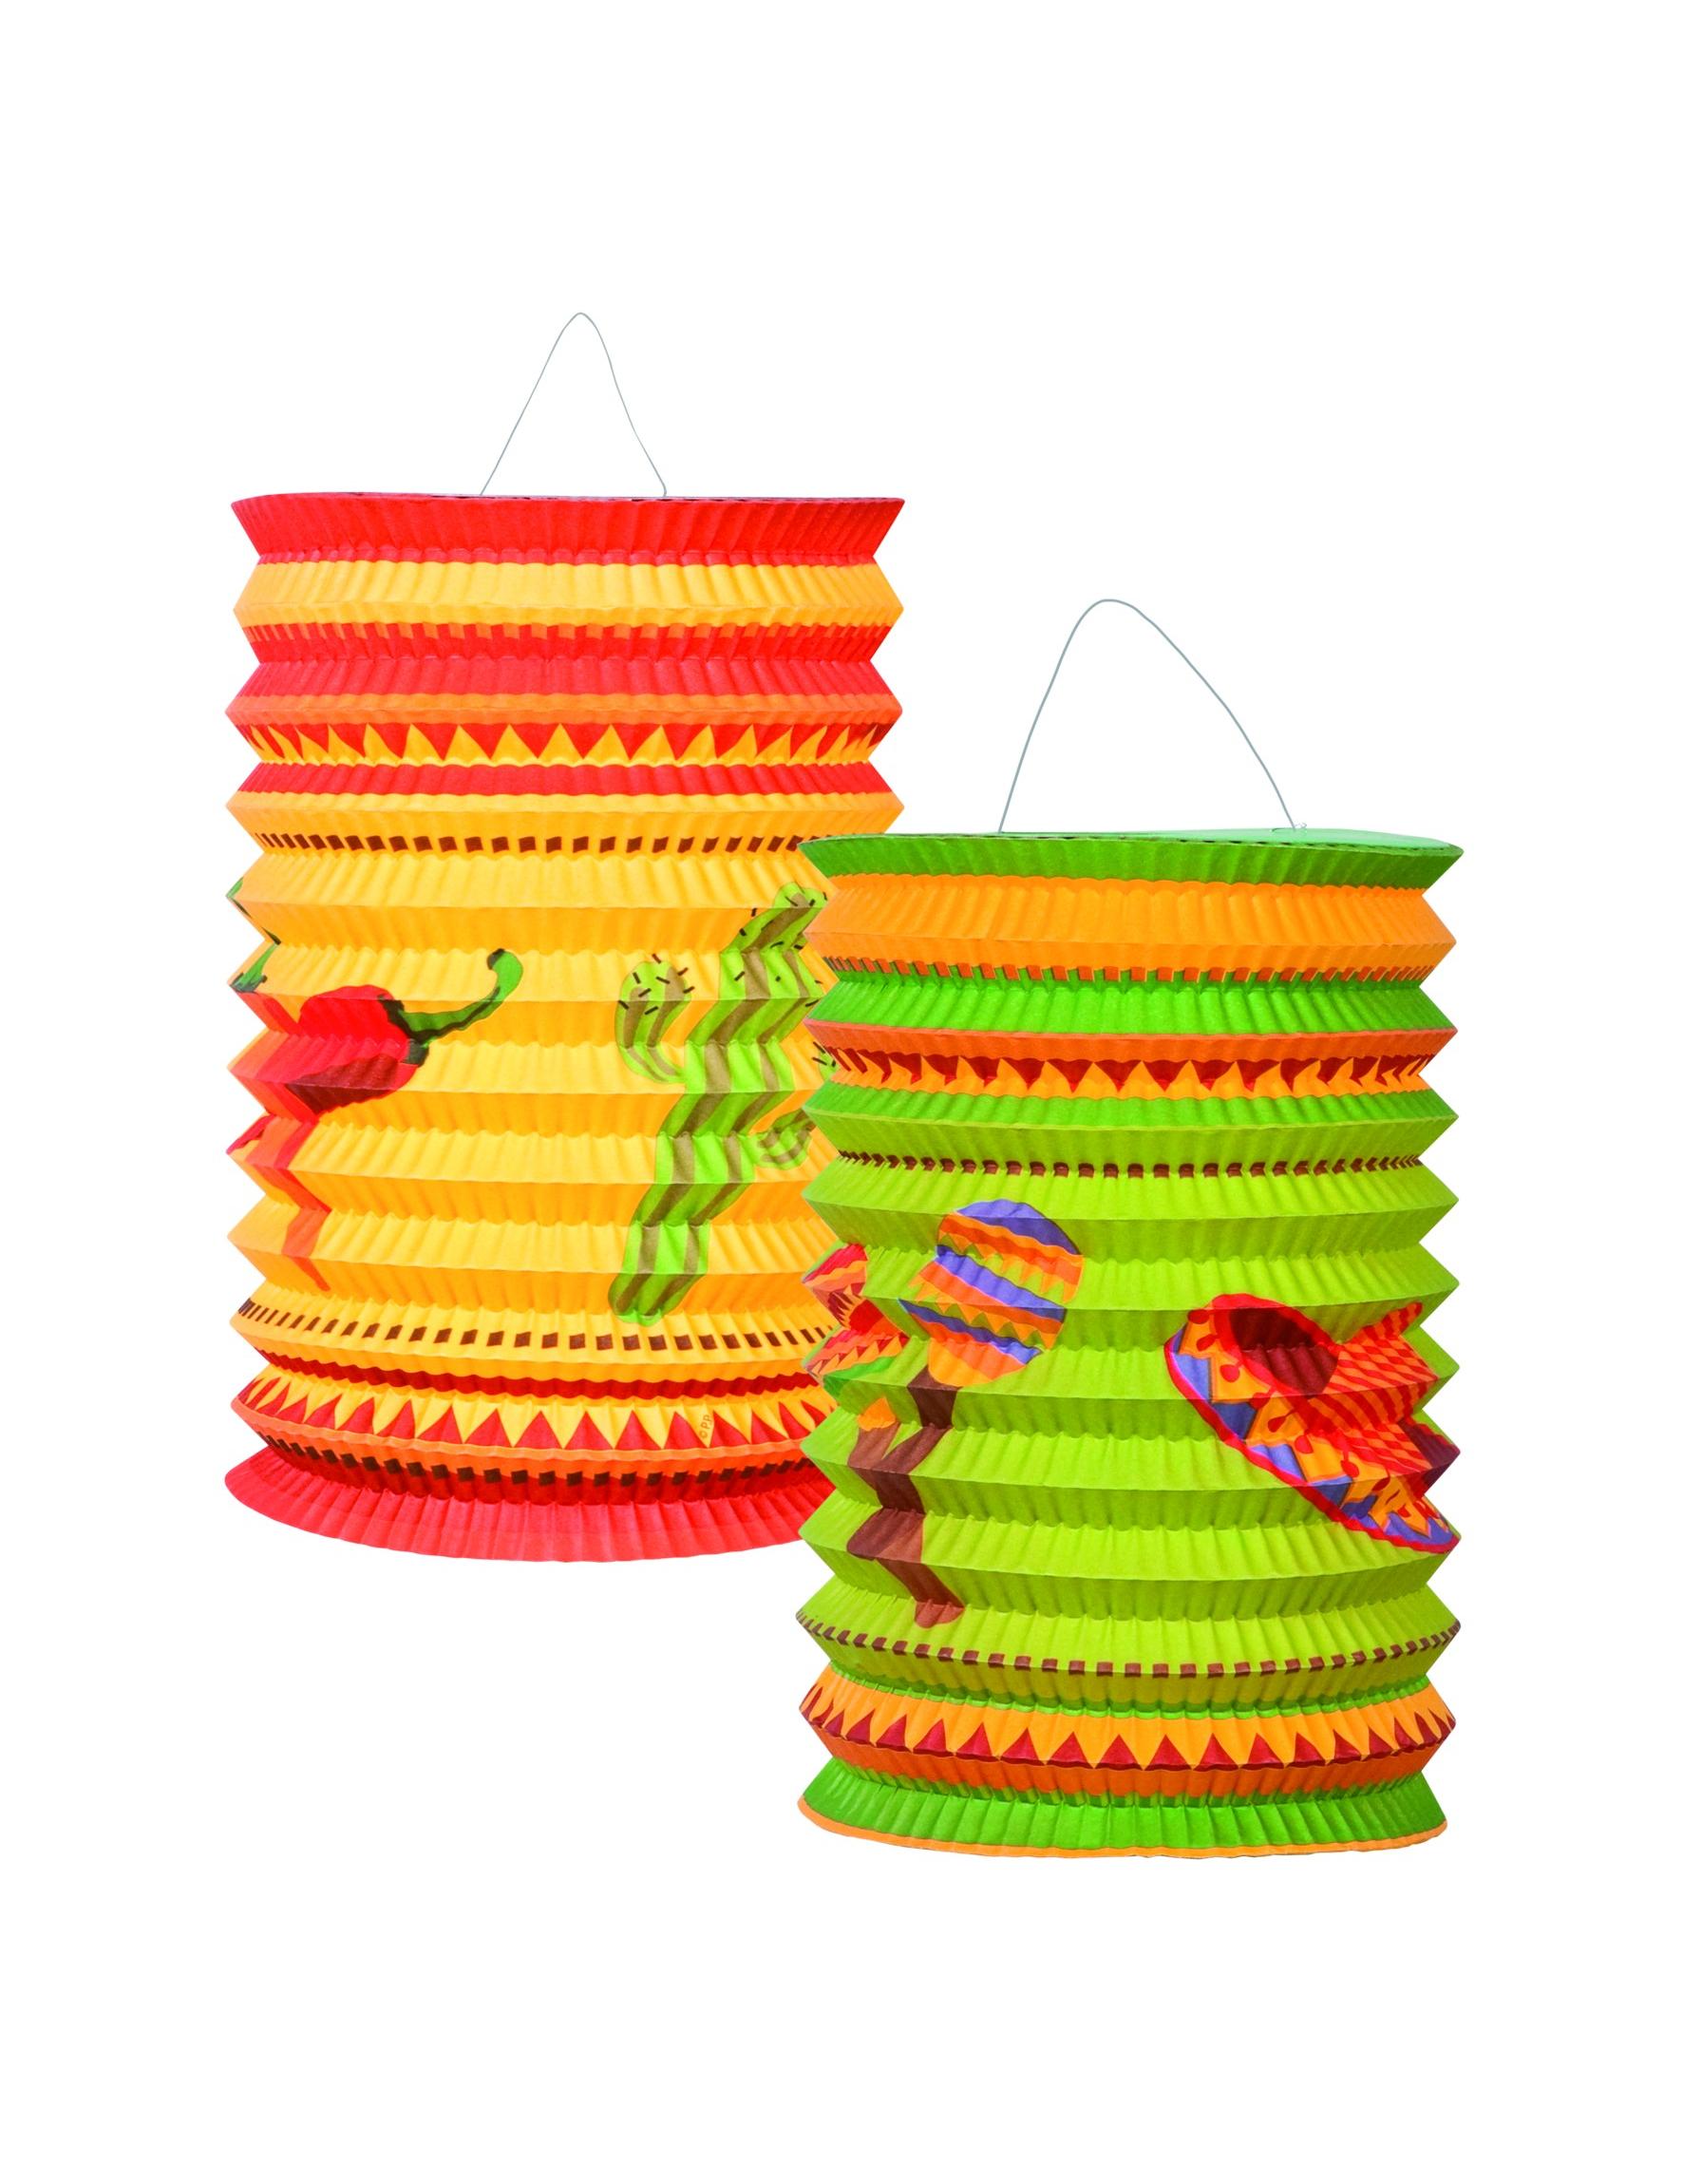 Lanterne mexicaine - Decoration mexicaine a imprimer ...